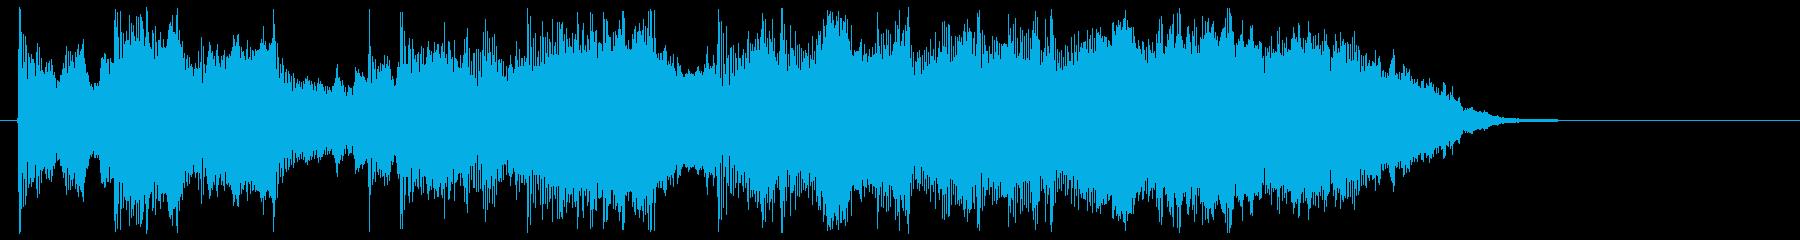 明るいホーンが印象的なポップスの再生済みの波形